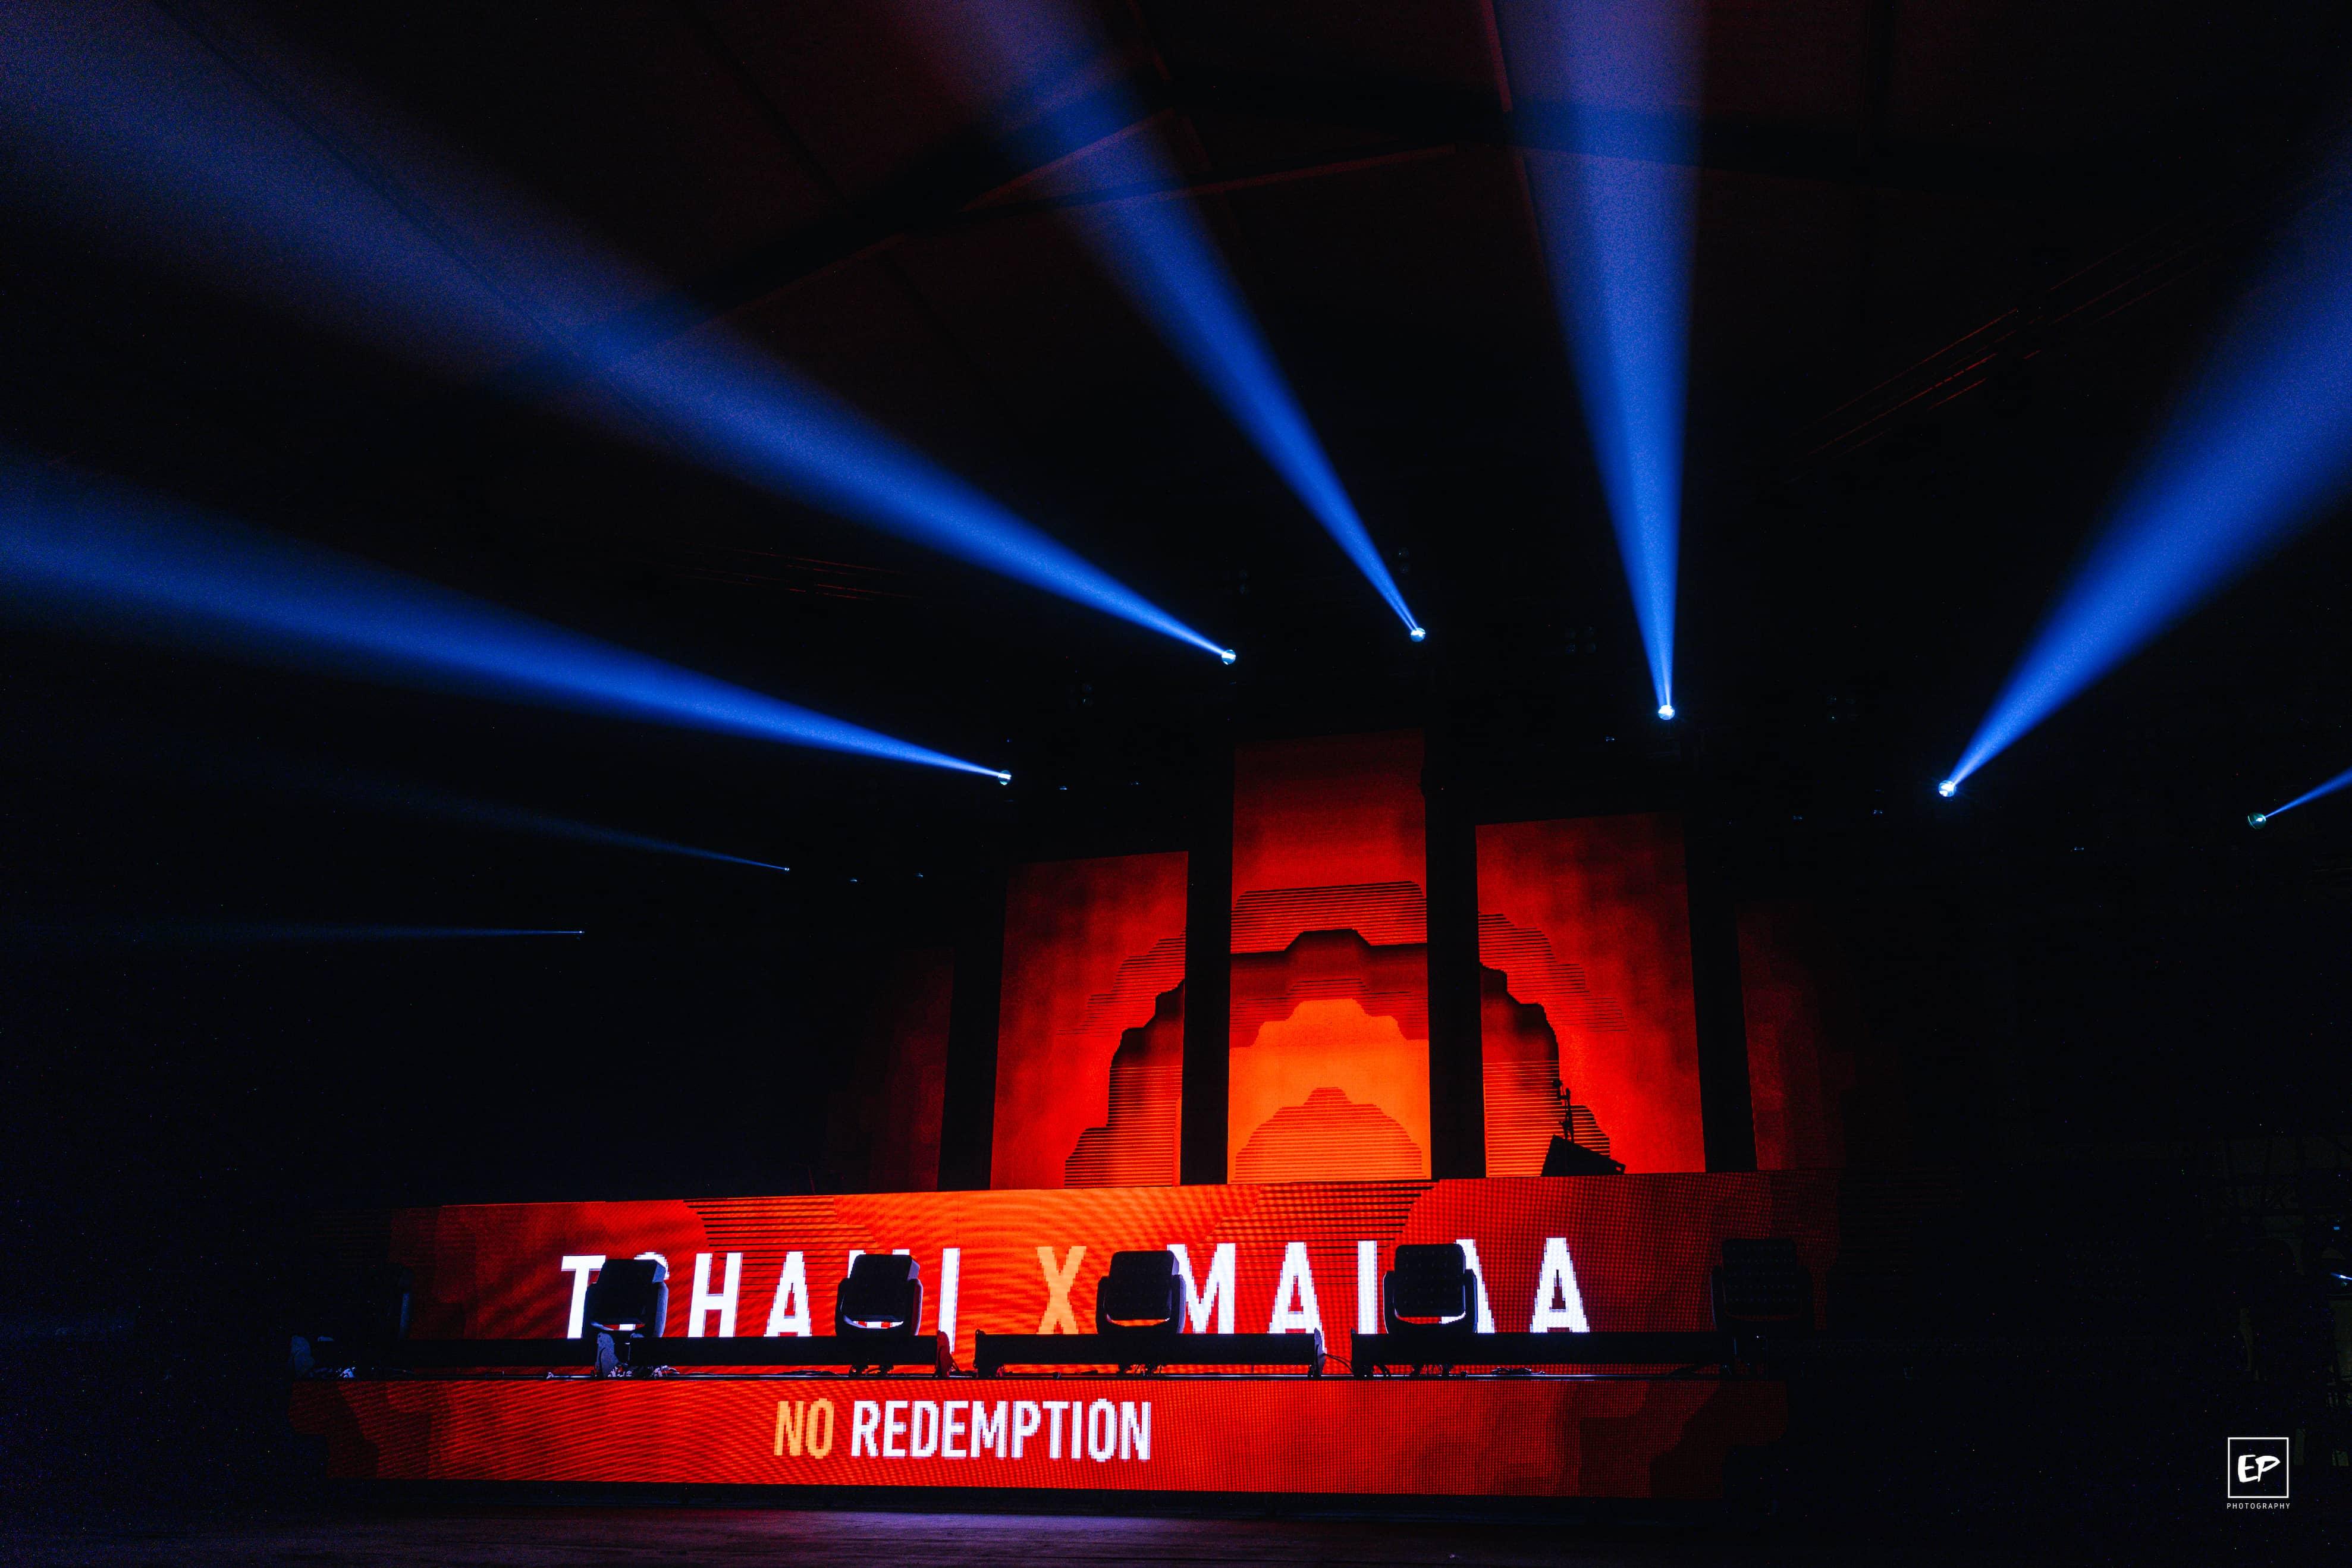 Decadence 2019 Tchami-X-Malaa